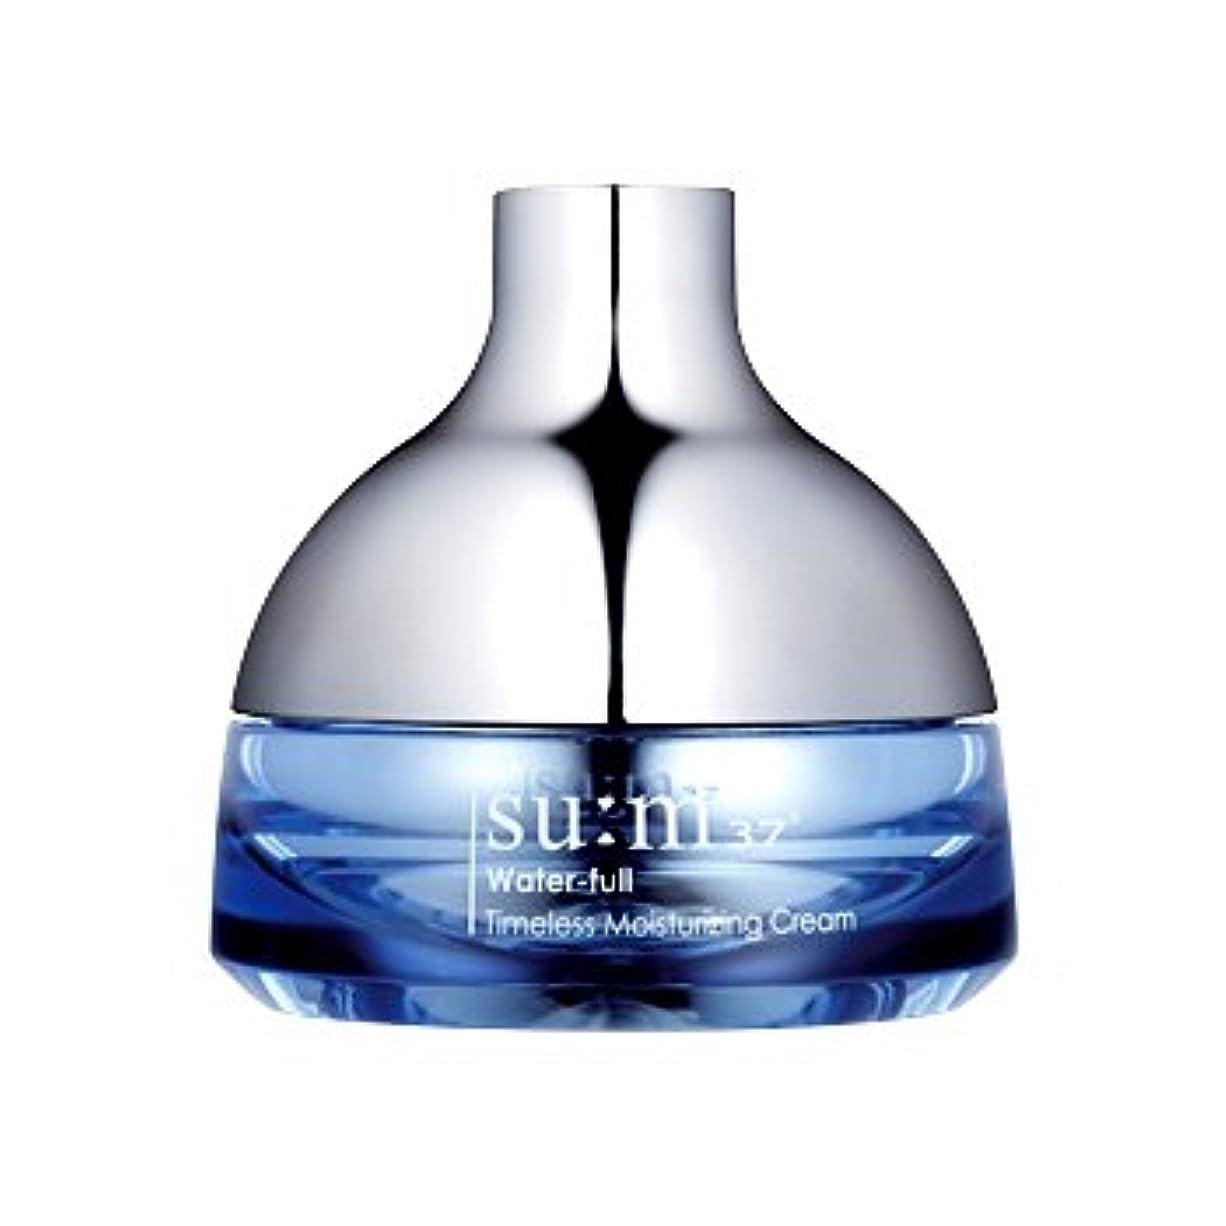 計算可能変える休戦[SUM37/スム37]スムウォーターフルタイムレスモイスチャライジングクリーム/Water-full Timeless Moisturizing Cream 50ml [海外直送品]